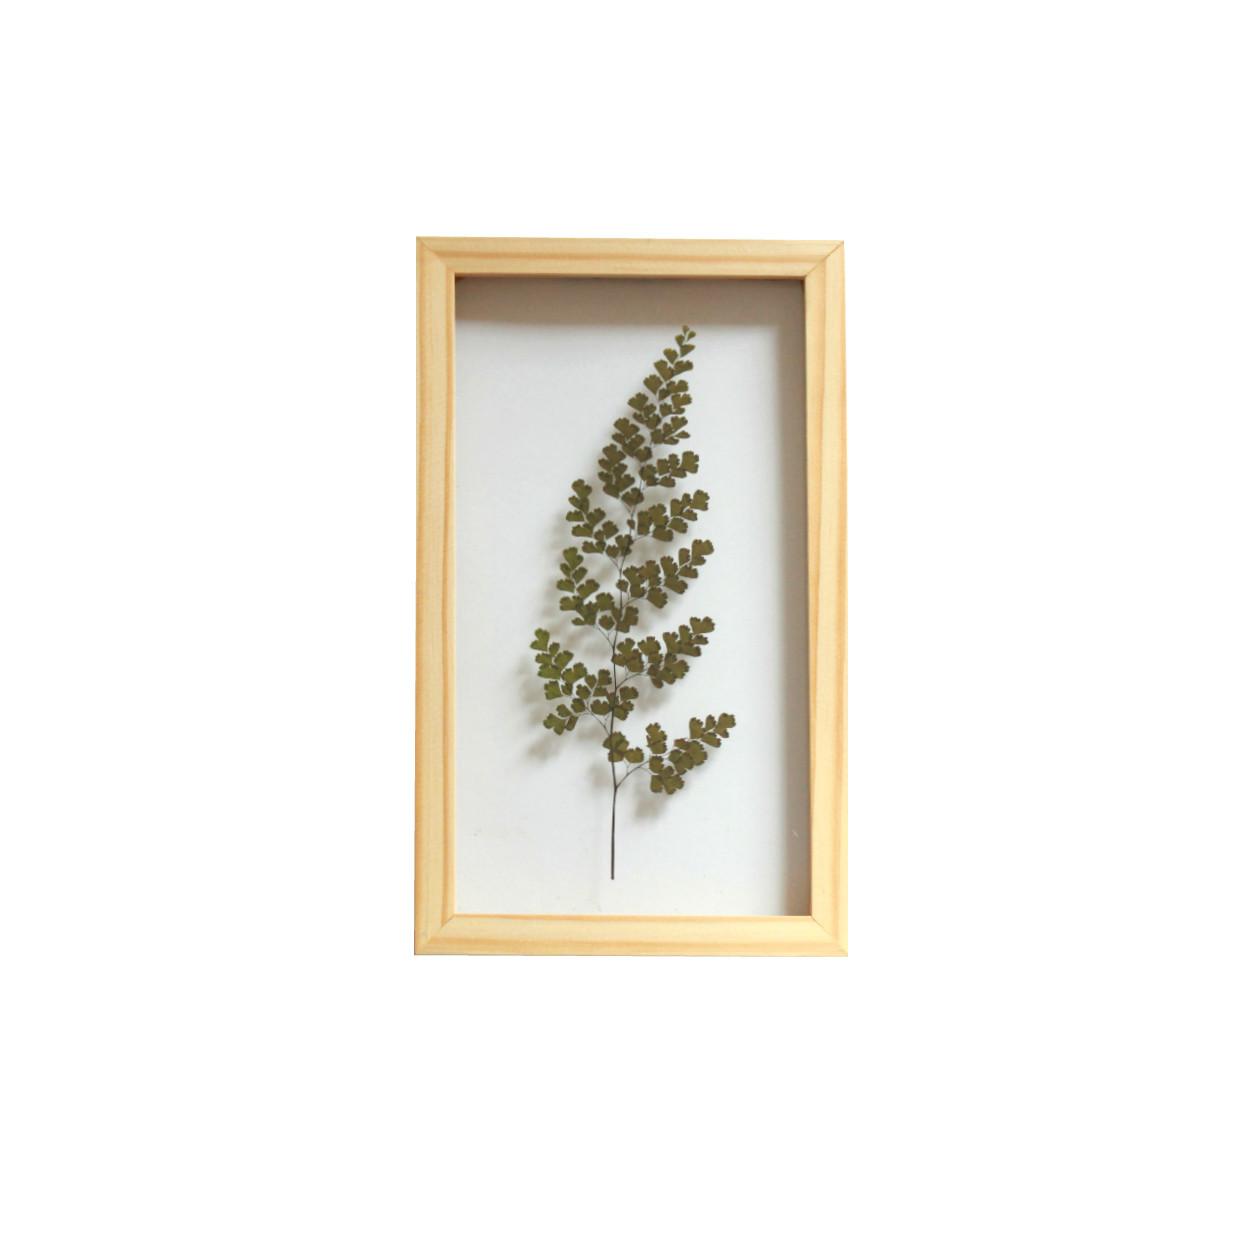 Quadro Avenca 15x20 cm - Pinus